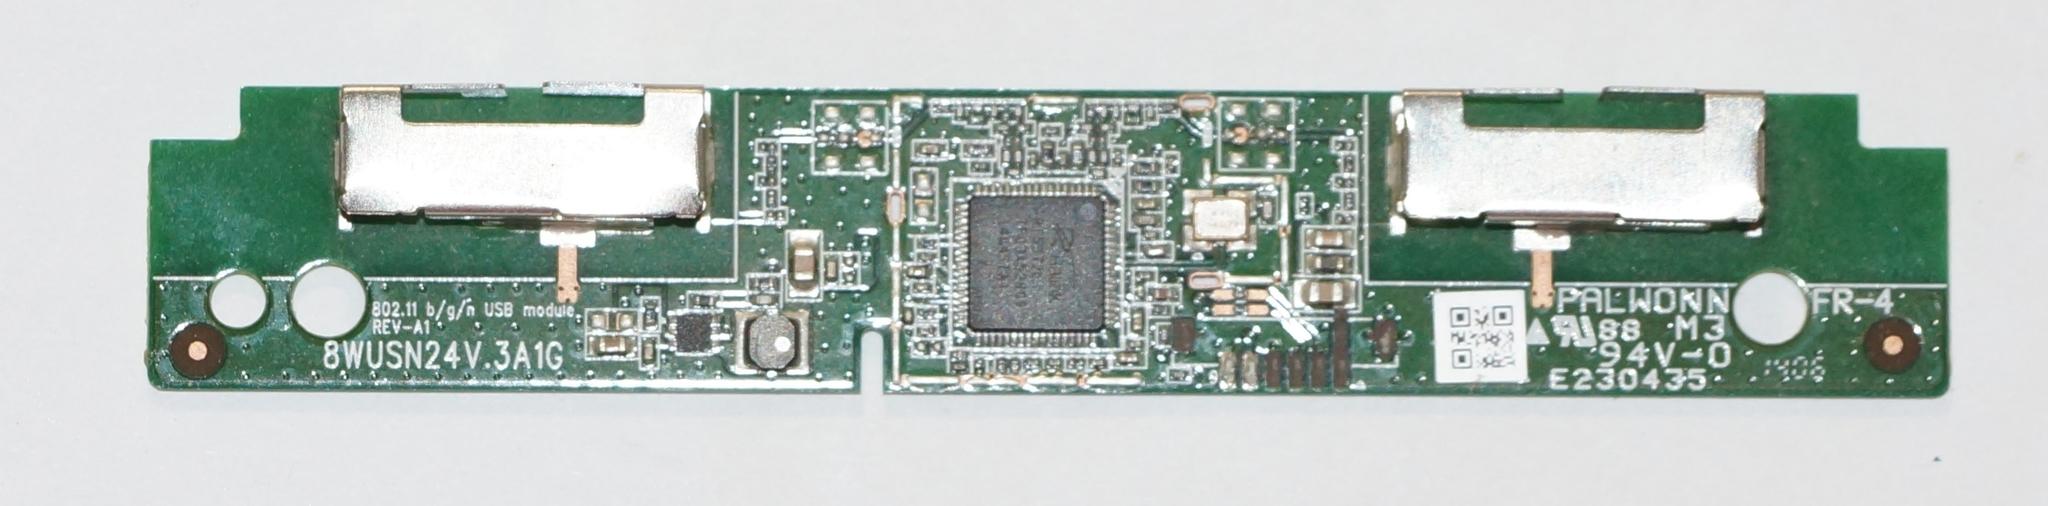 8WUSN24V.3A1G Wi-Fi Модуль телевизора Philips купить